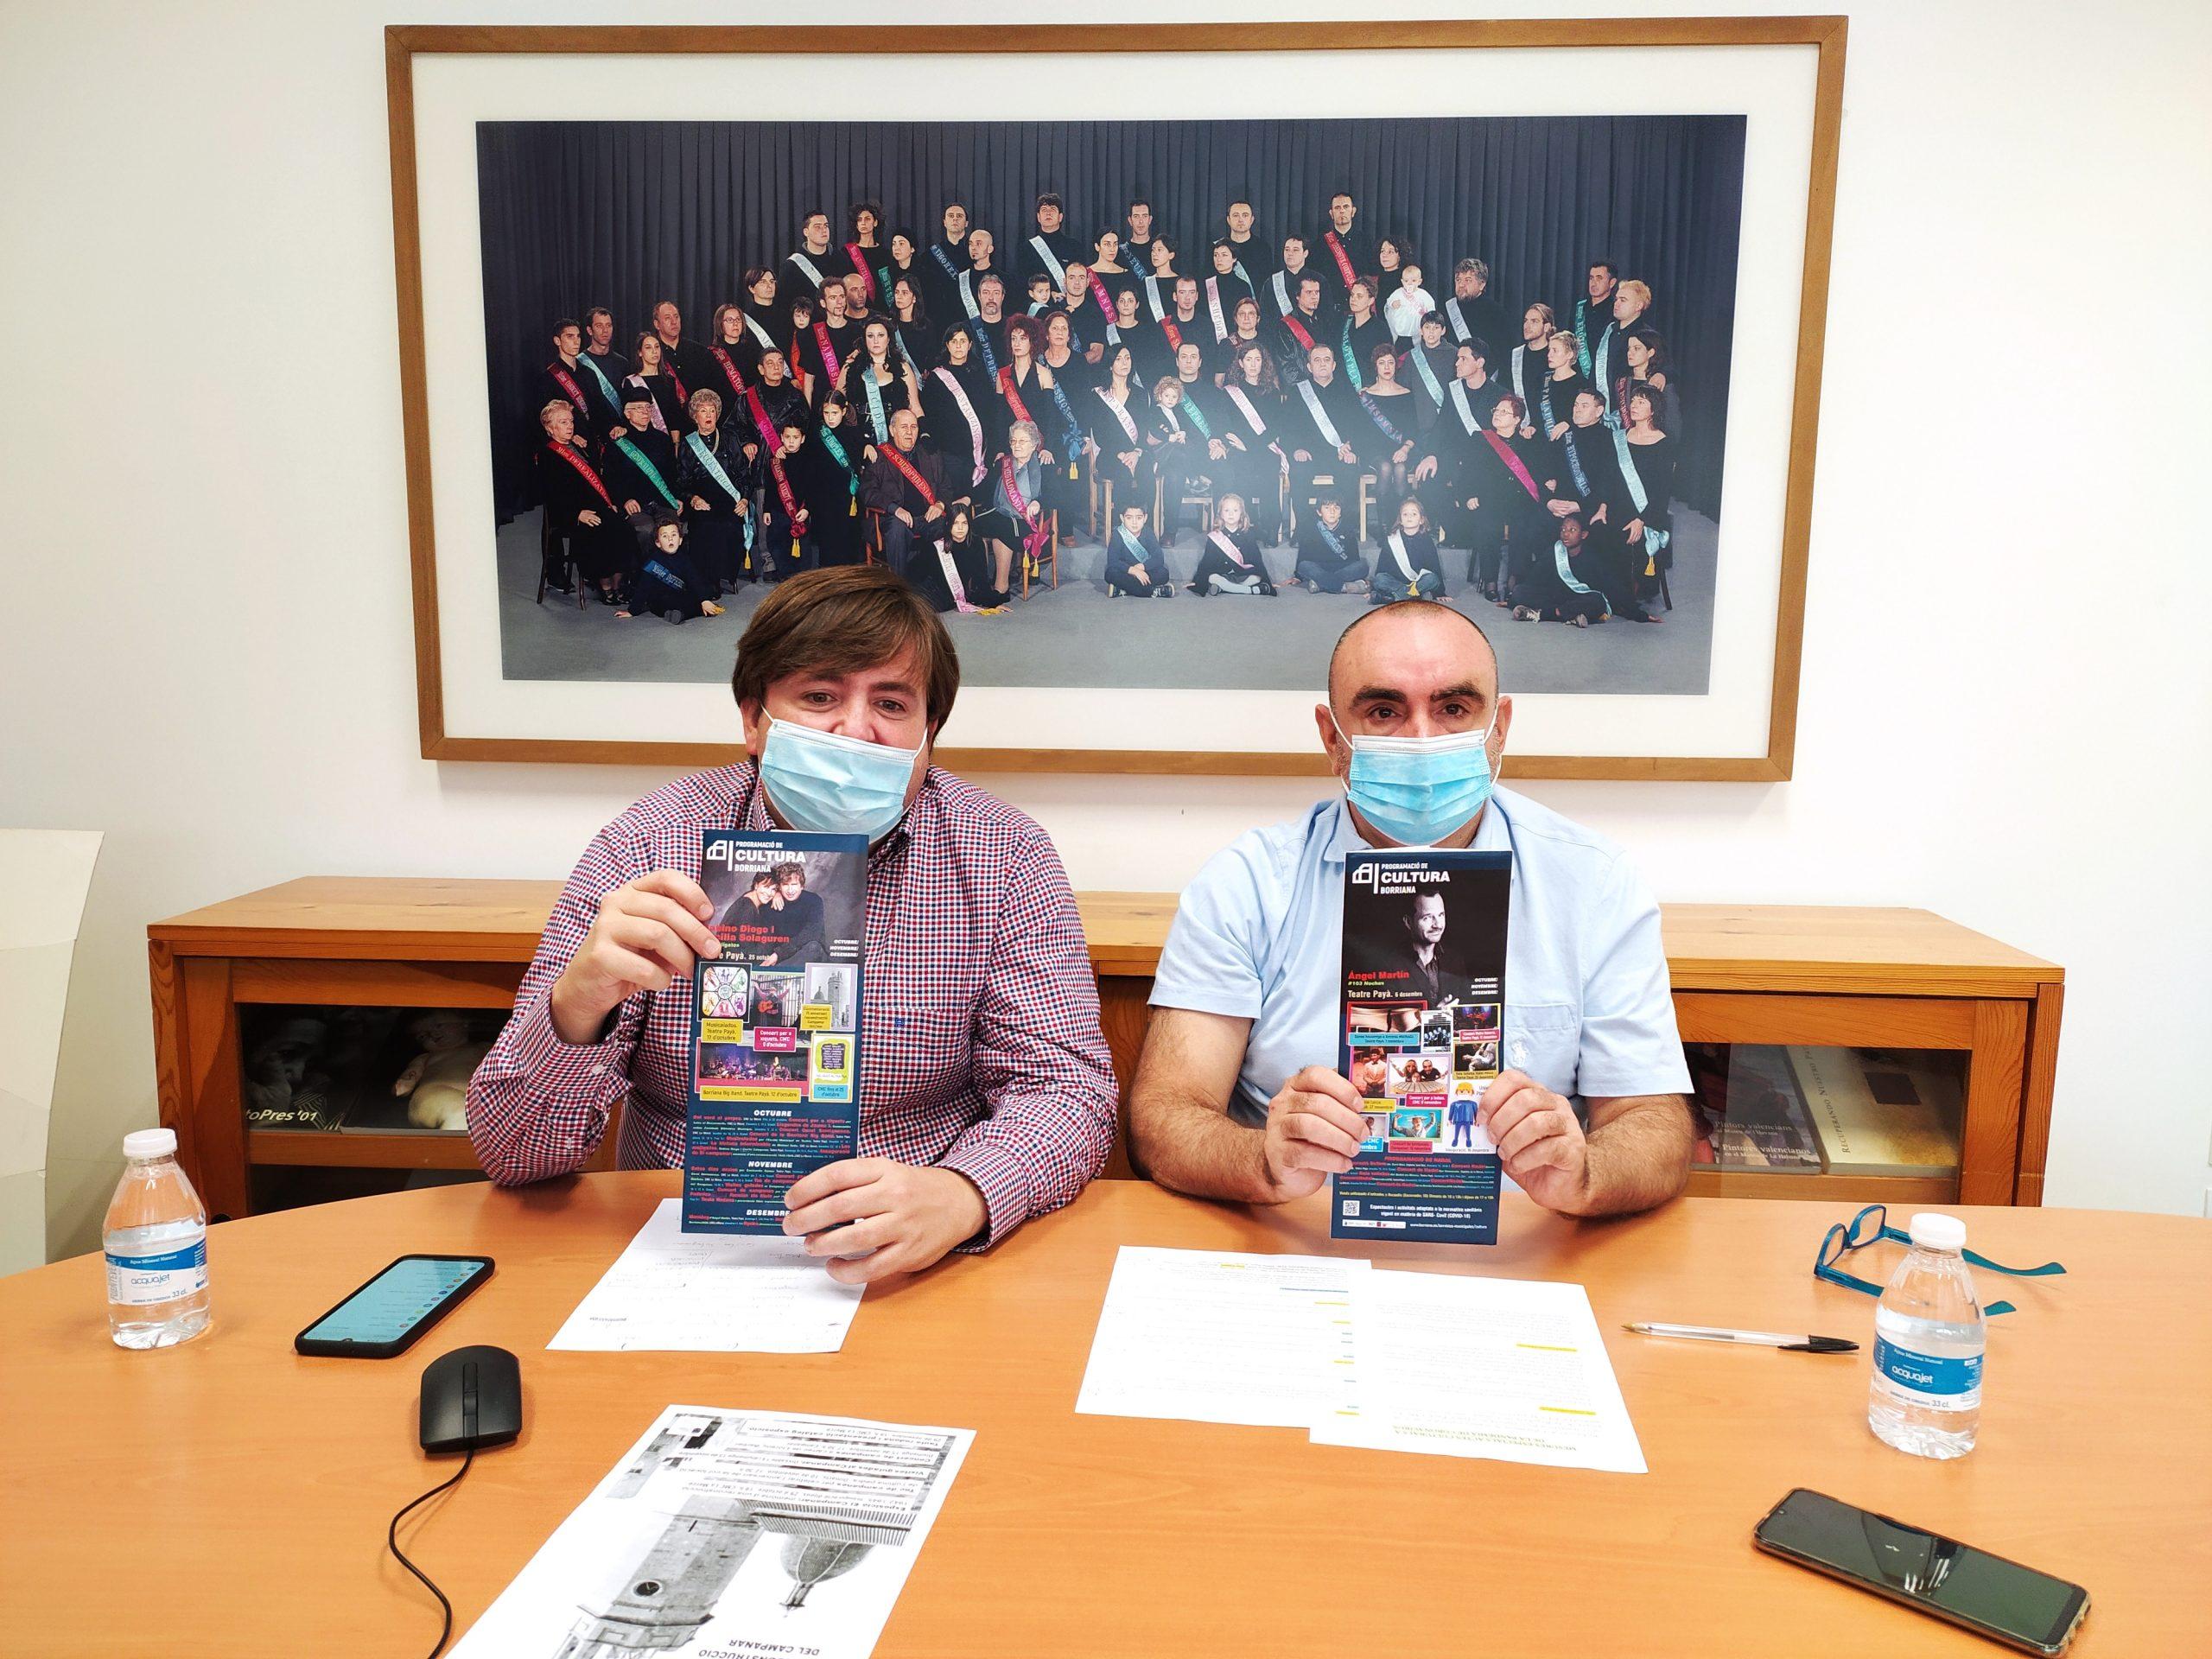 Borriana apoya el sector cultural y mantiene la programación con todas las medidas sanitarias